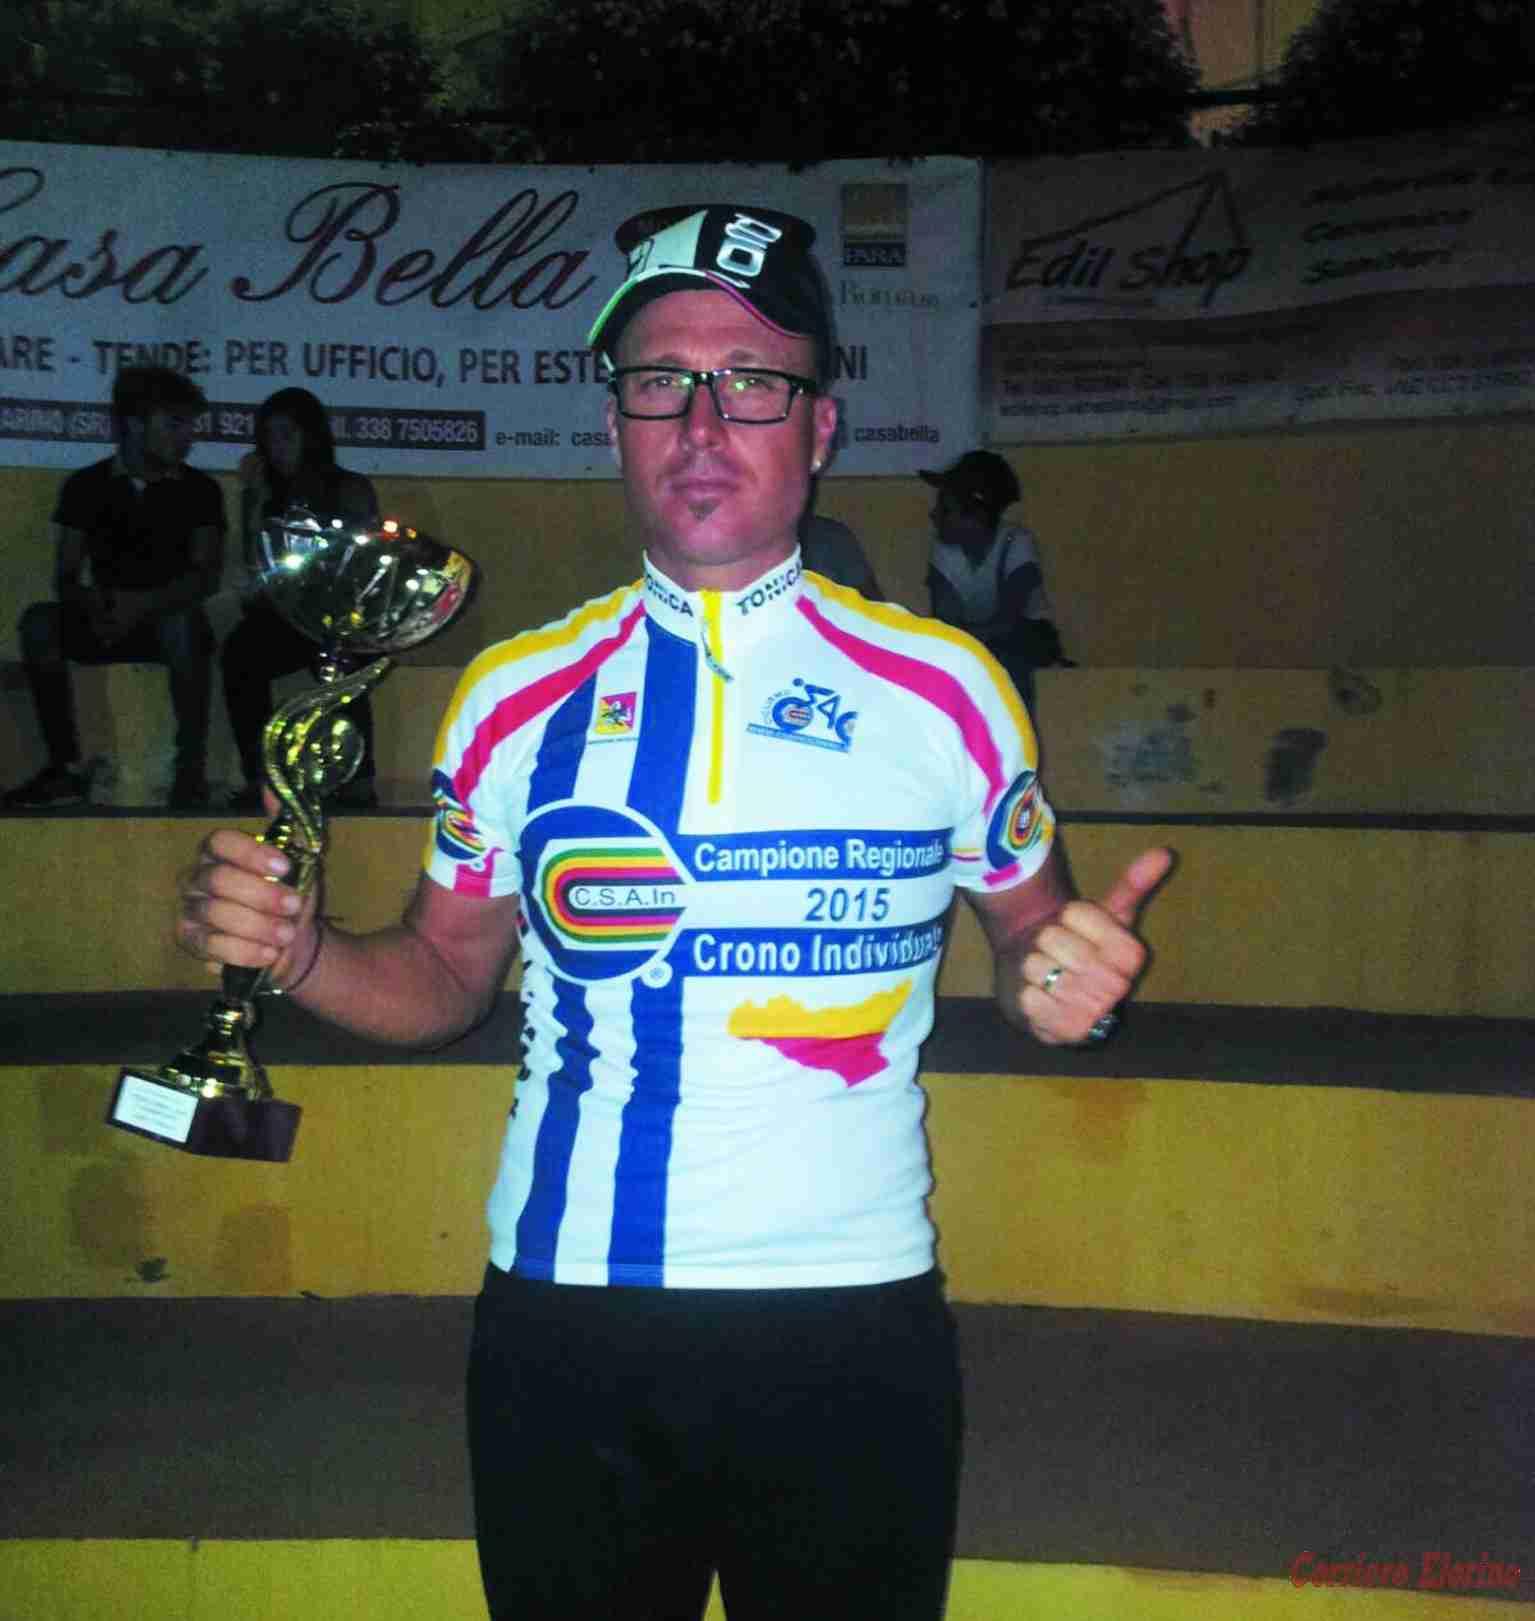 Fabio Di Rosolini vince la maglia di Campione Regionale Csain 2015 – Crono individuale